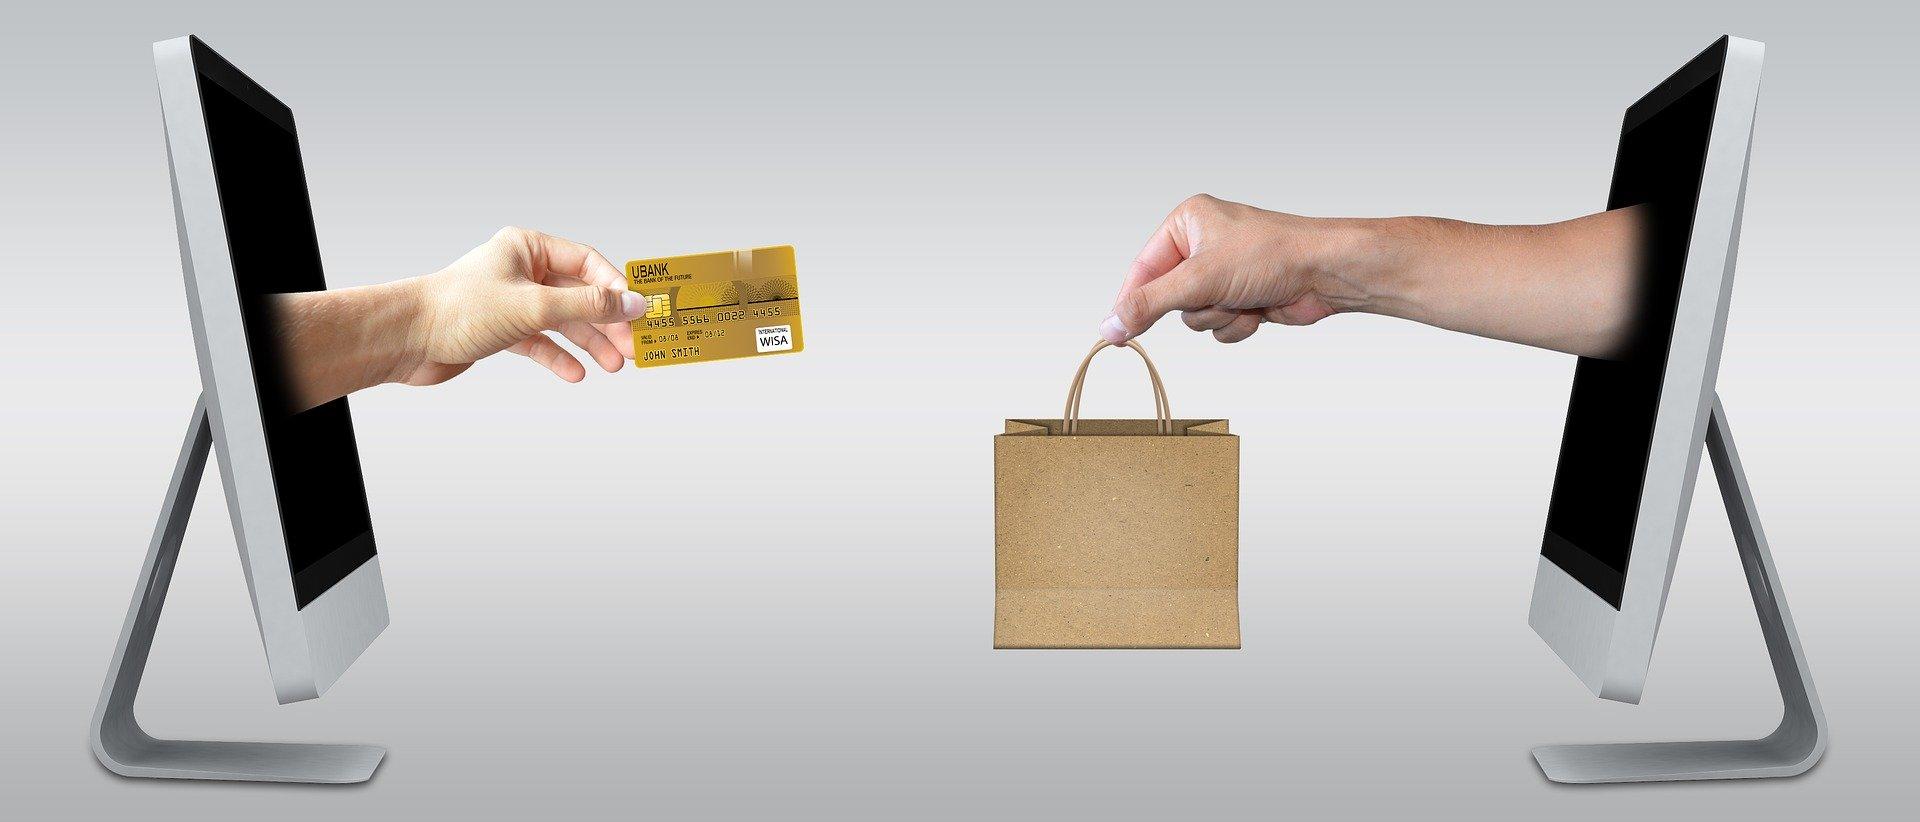 Comprar por Internet cómo gastar menos